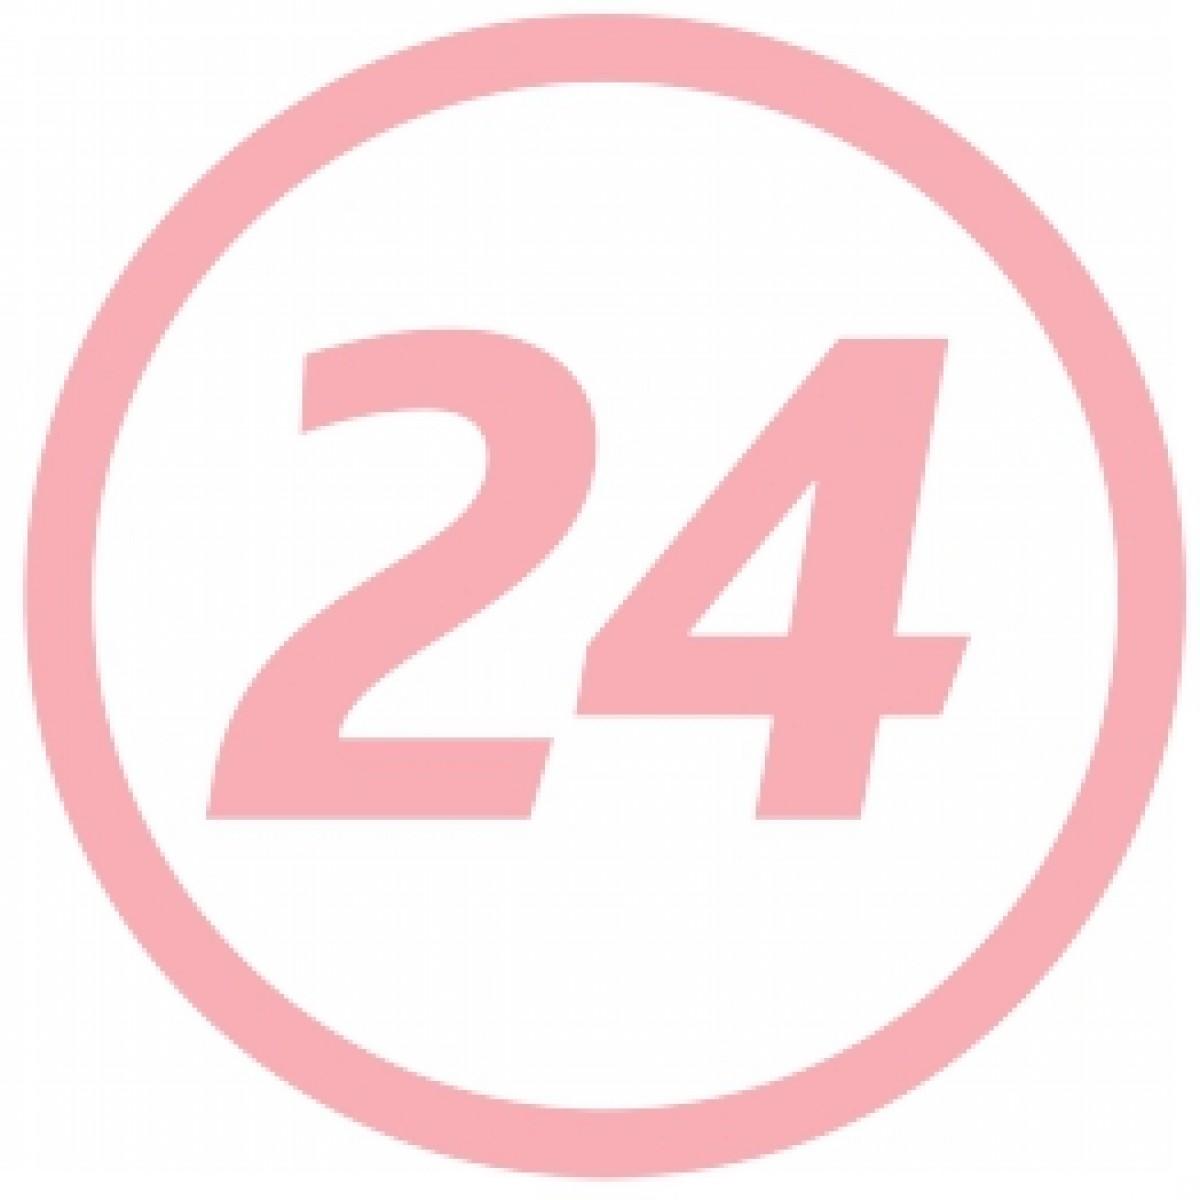 Zdrovit 4Femina Comprimate, Comprimate, 28 buc